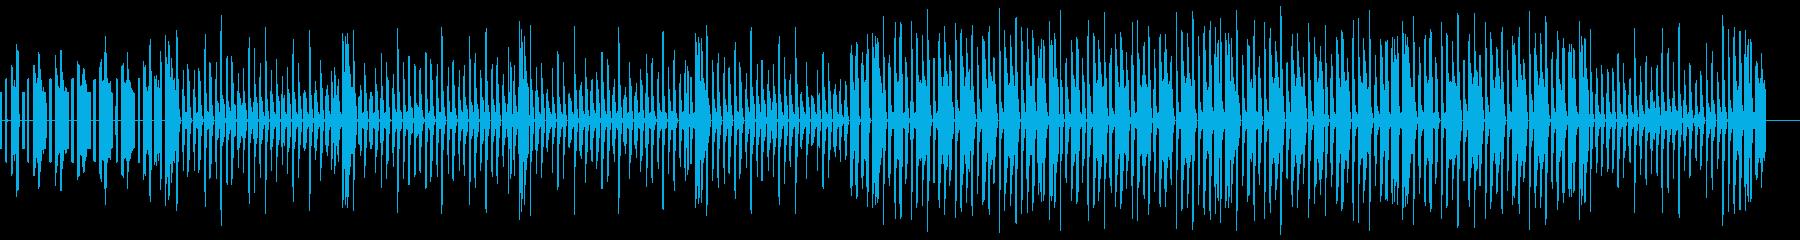 ゲーム風音色を用いたJPOP風の曲の再生済みの波形